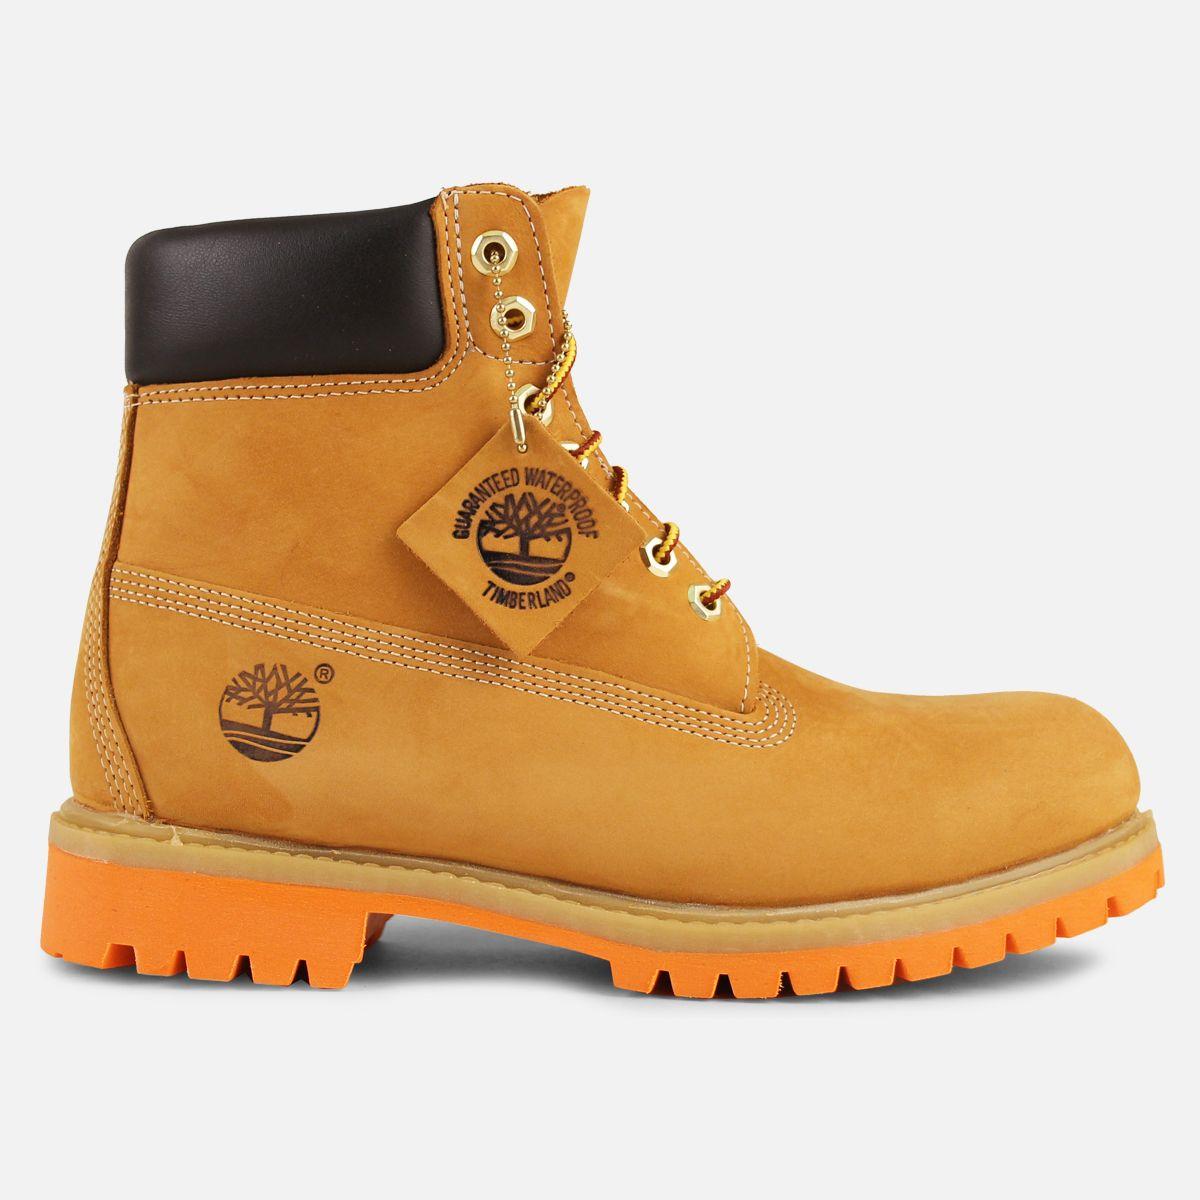 kd 6 wheat timberland boots